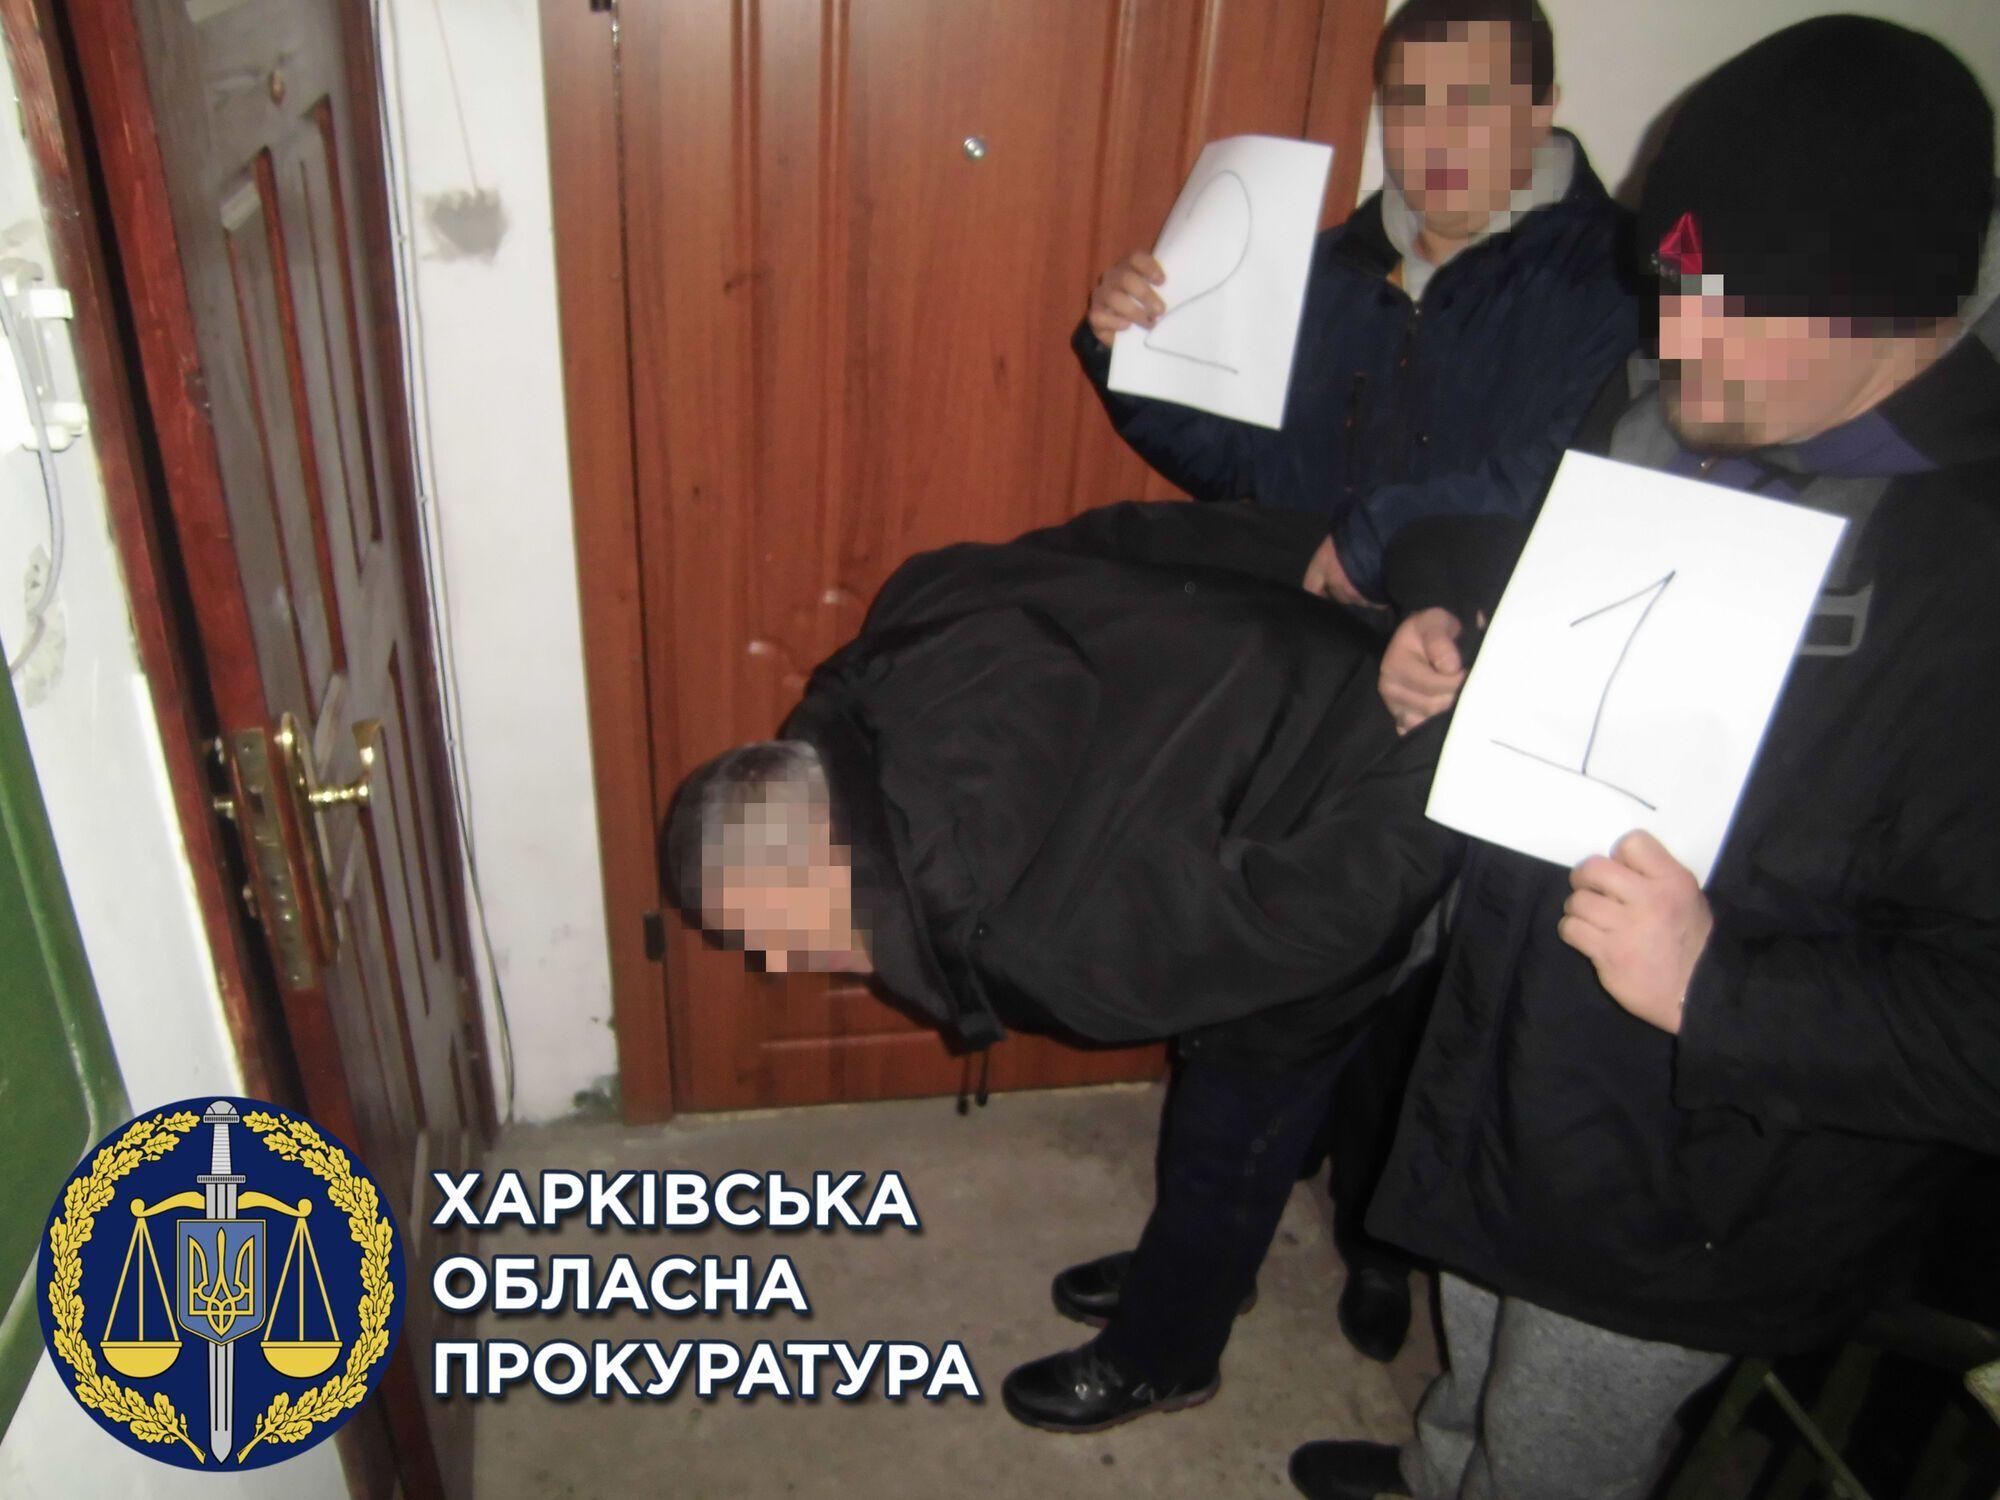 Поліцейські вкрали гроші й золото у злодія